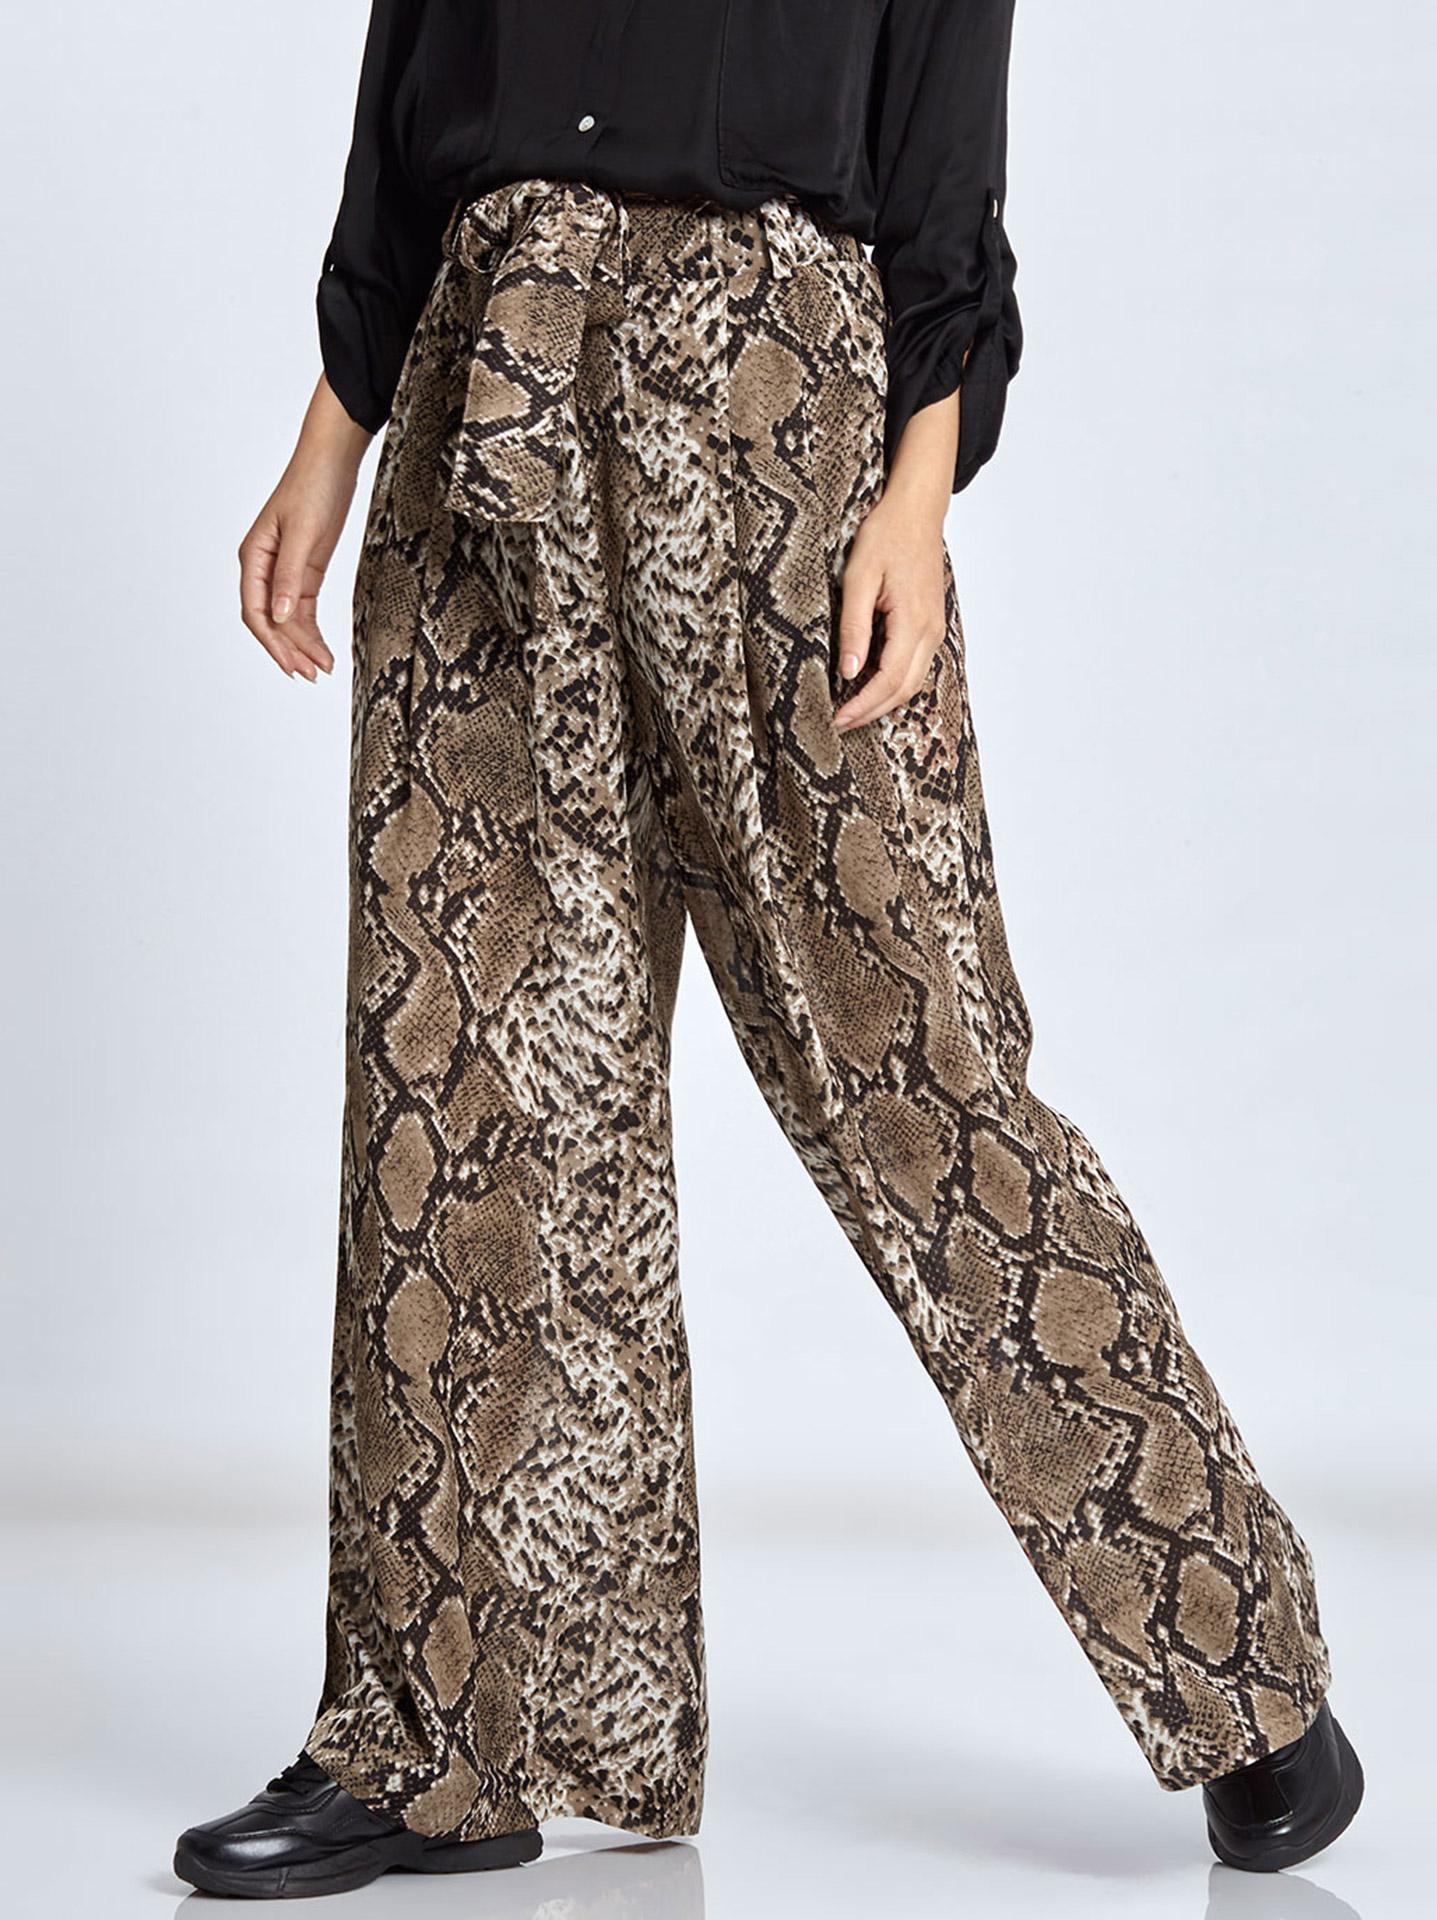 091717e0cada Παντελόνα με τύπωμα φίδι σε καφε